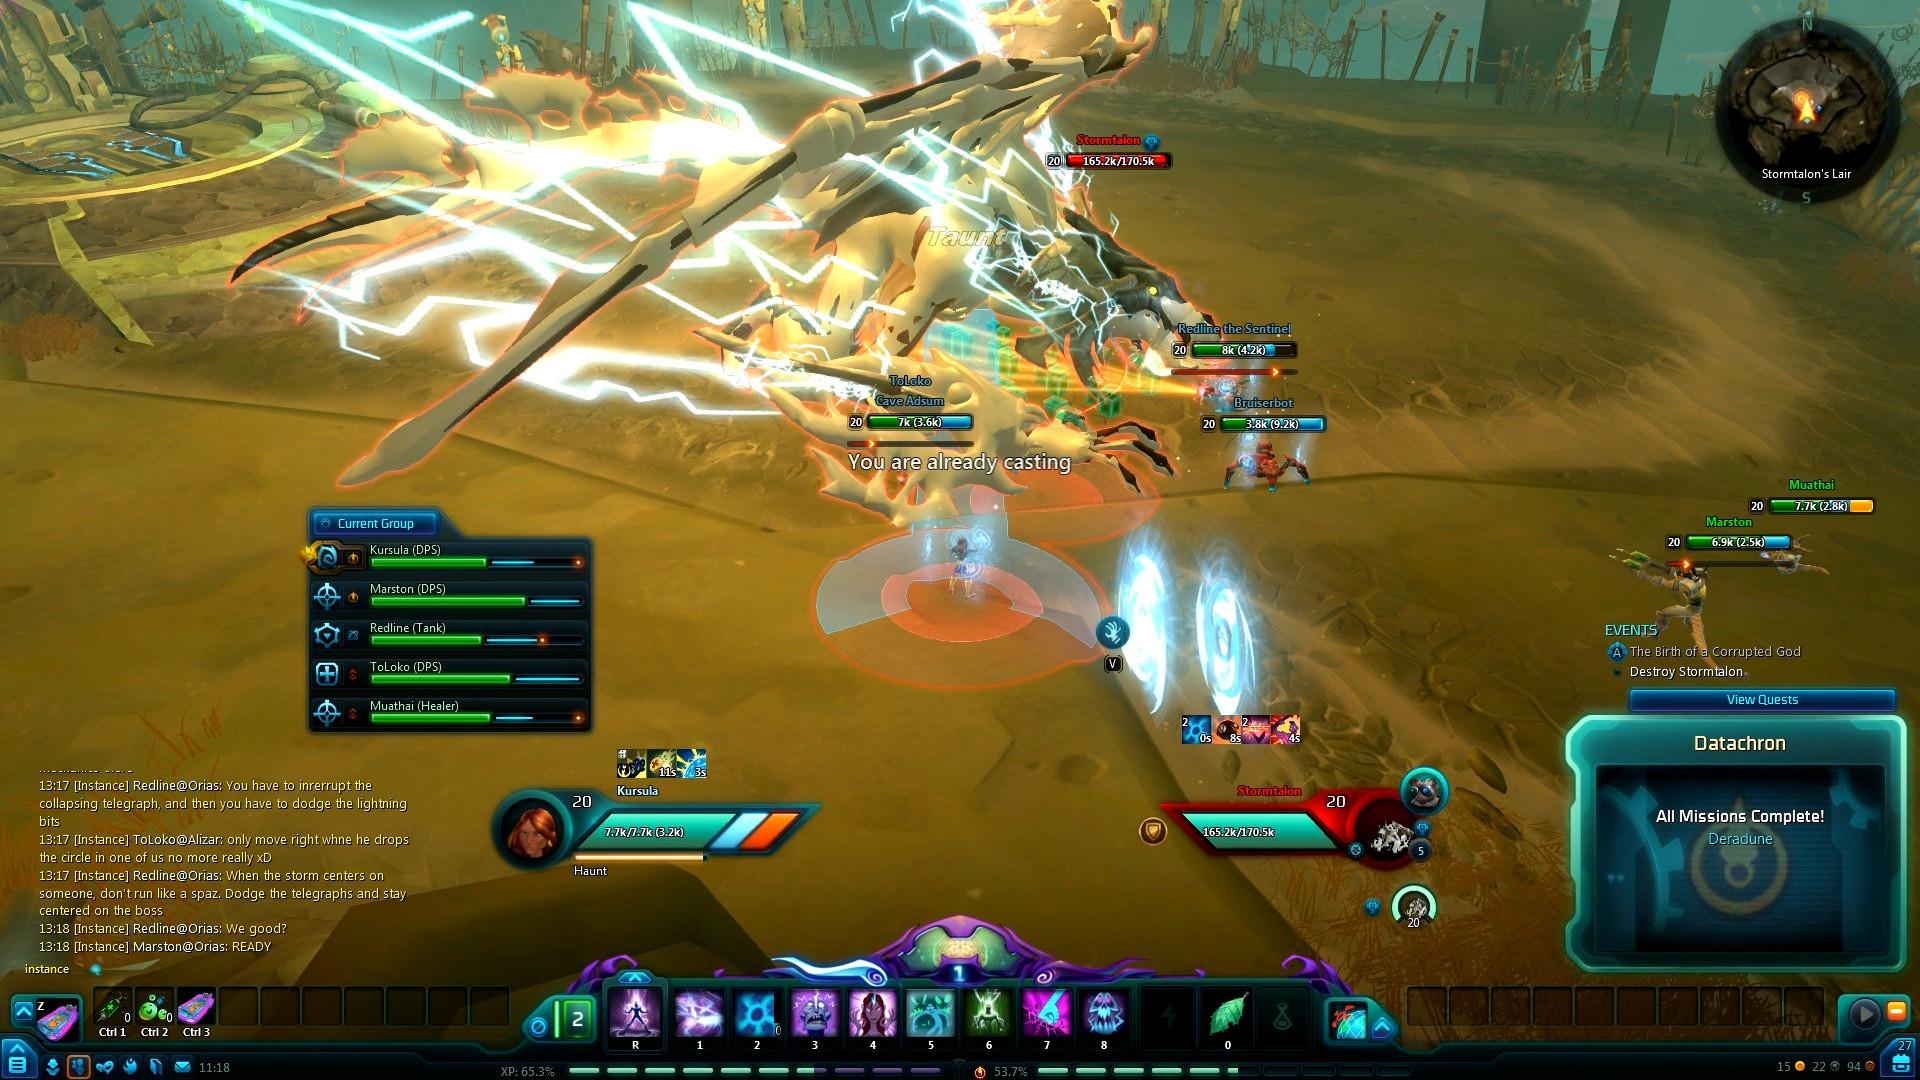 Lightning_Strike_Phase1_Stormtalon